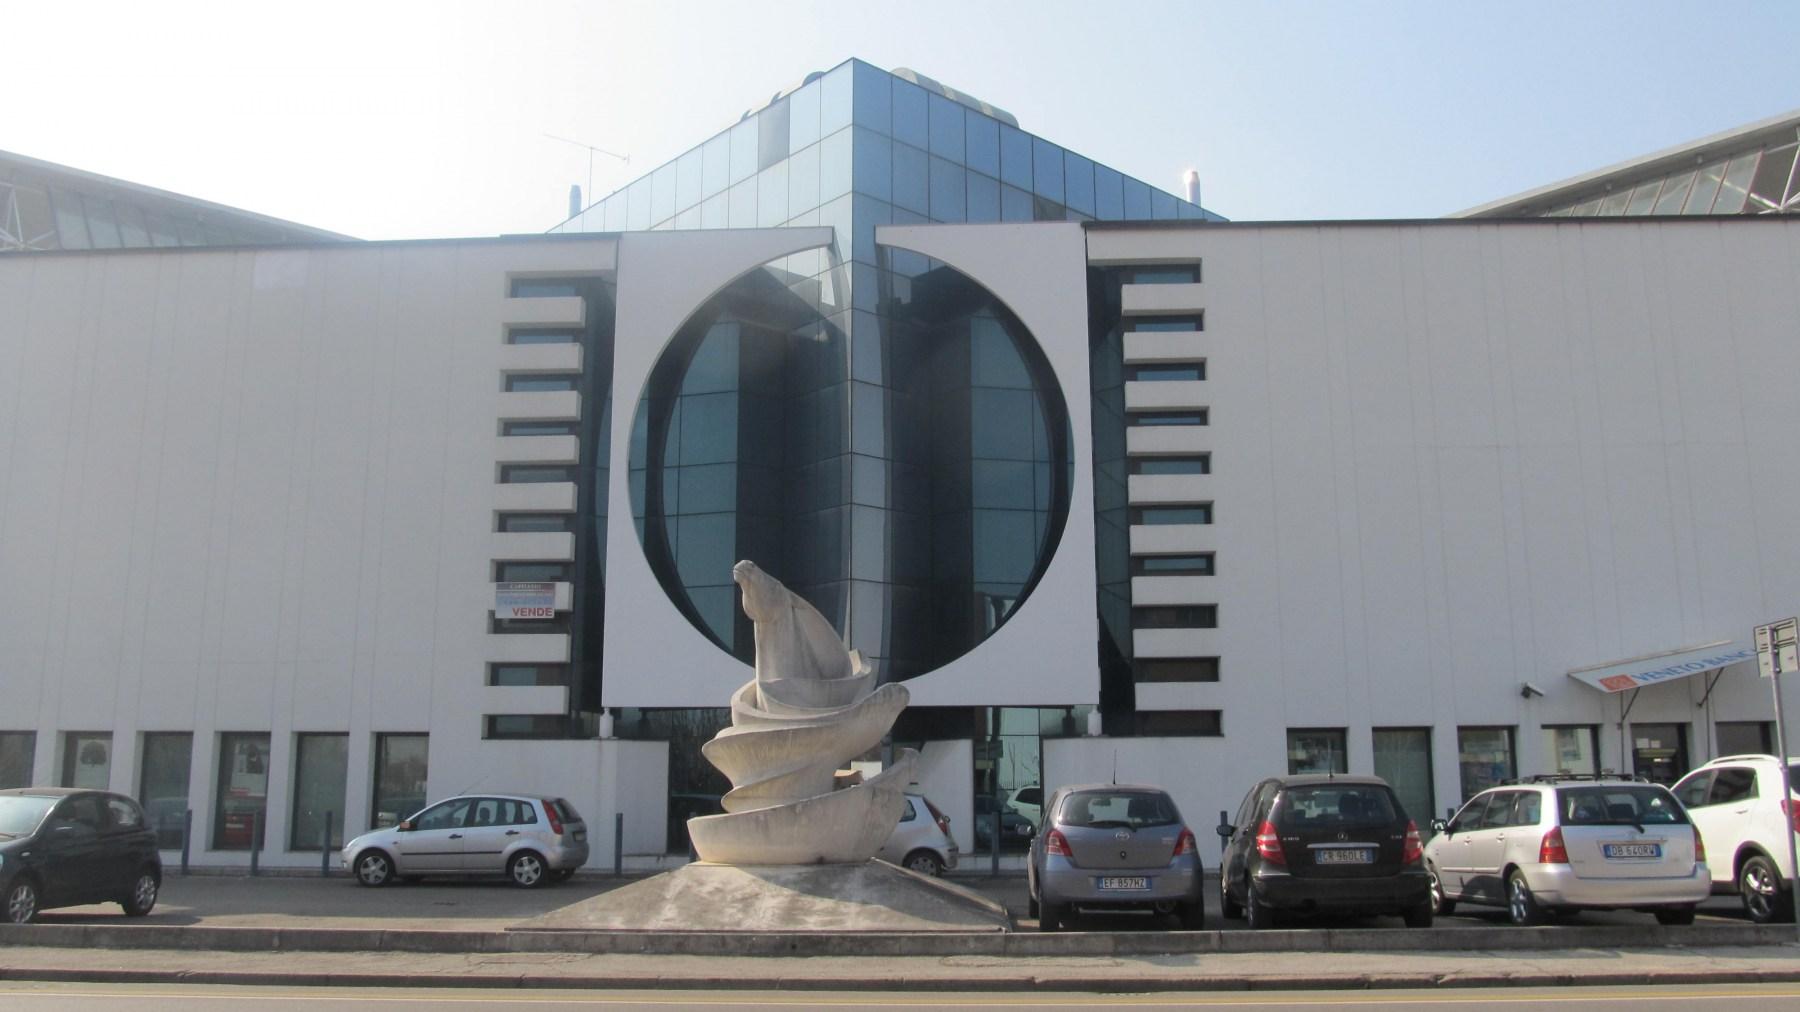 Centro-direzionale-Galleria-Crispi-Vicenza-2